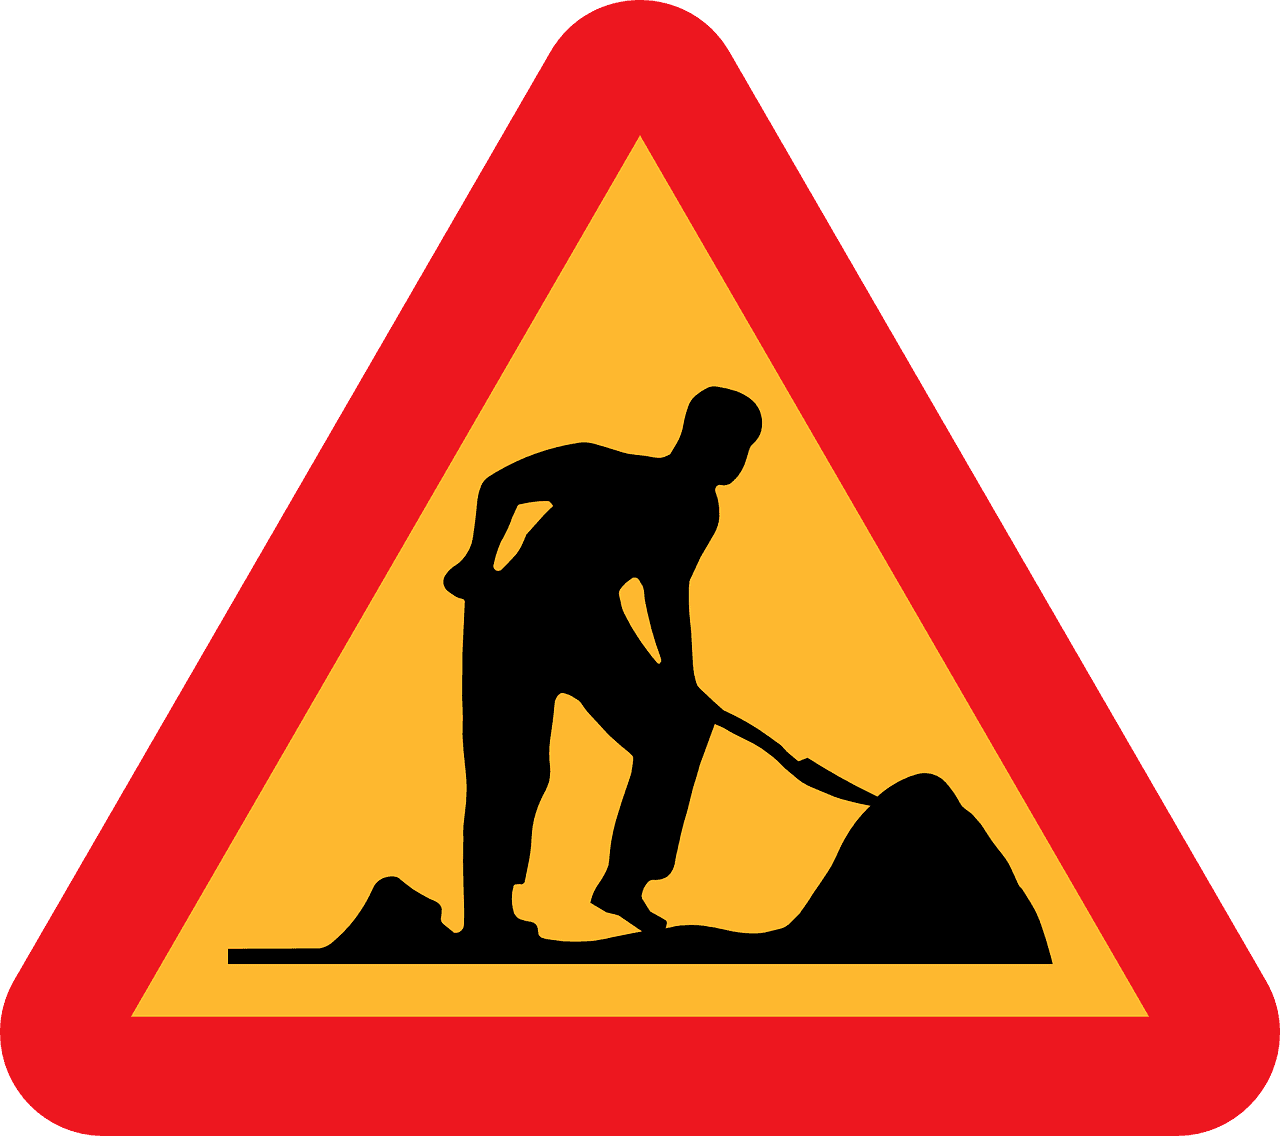 Fräs- und Asphaltierungsarbeiten am 24. und 25.8. in Regensburg Kreuzung Hoppestraße, Liskircherstraße und Augustenstraße gesperrt